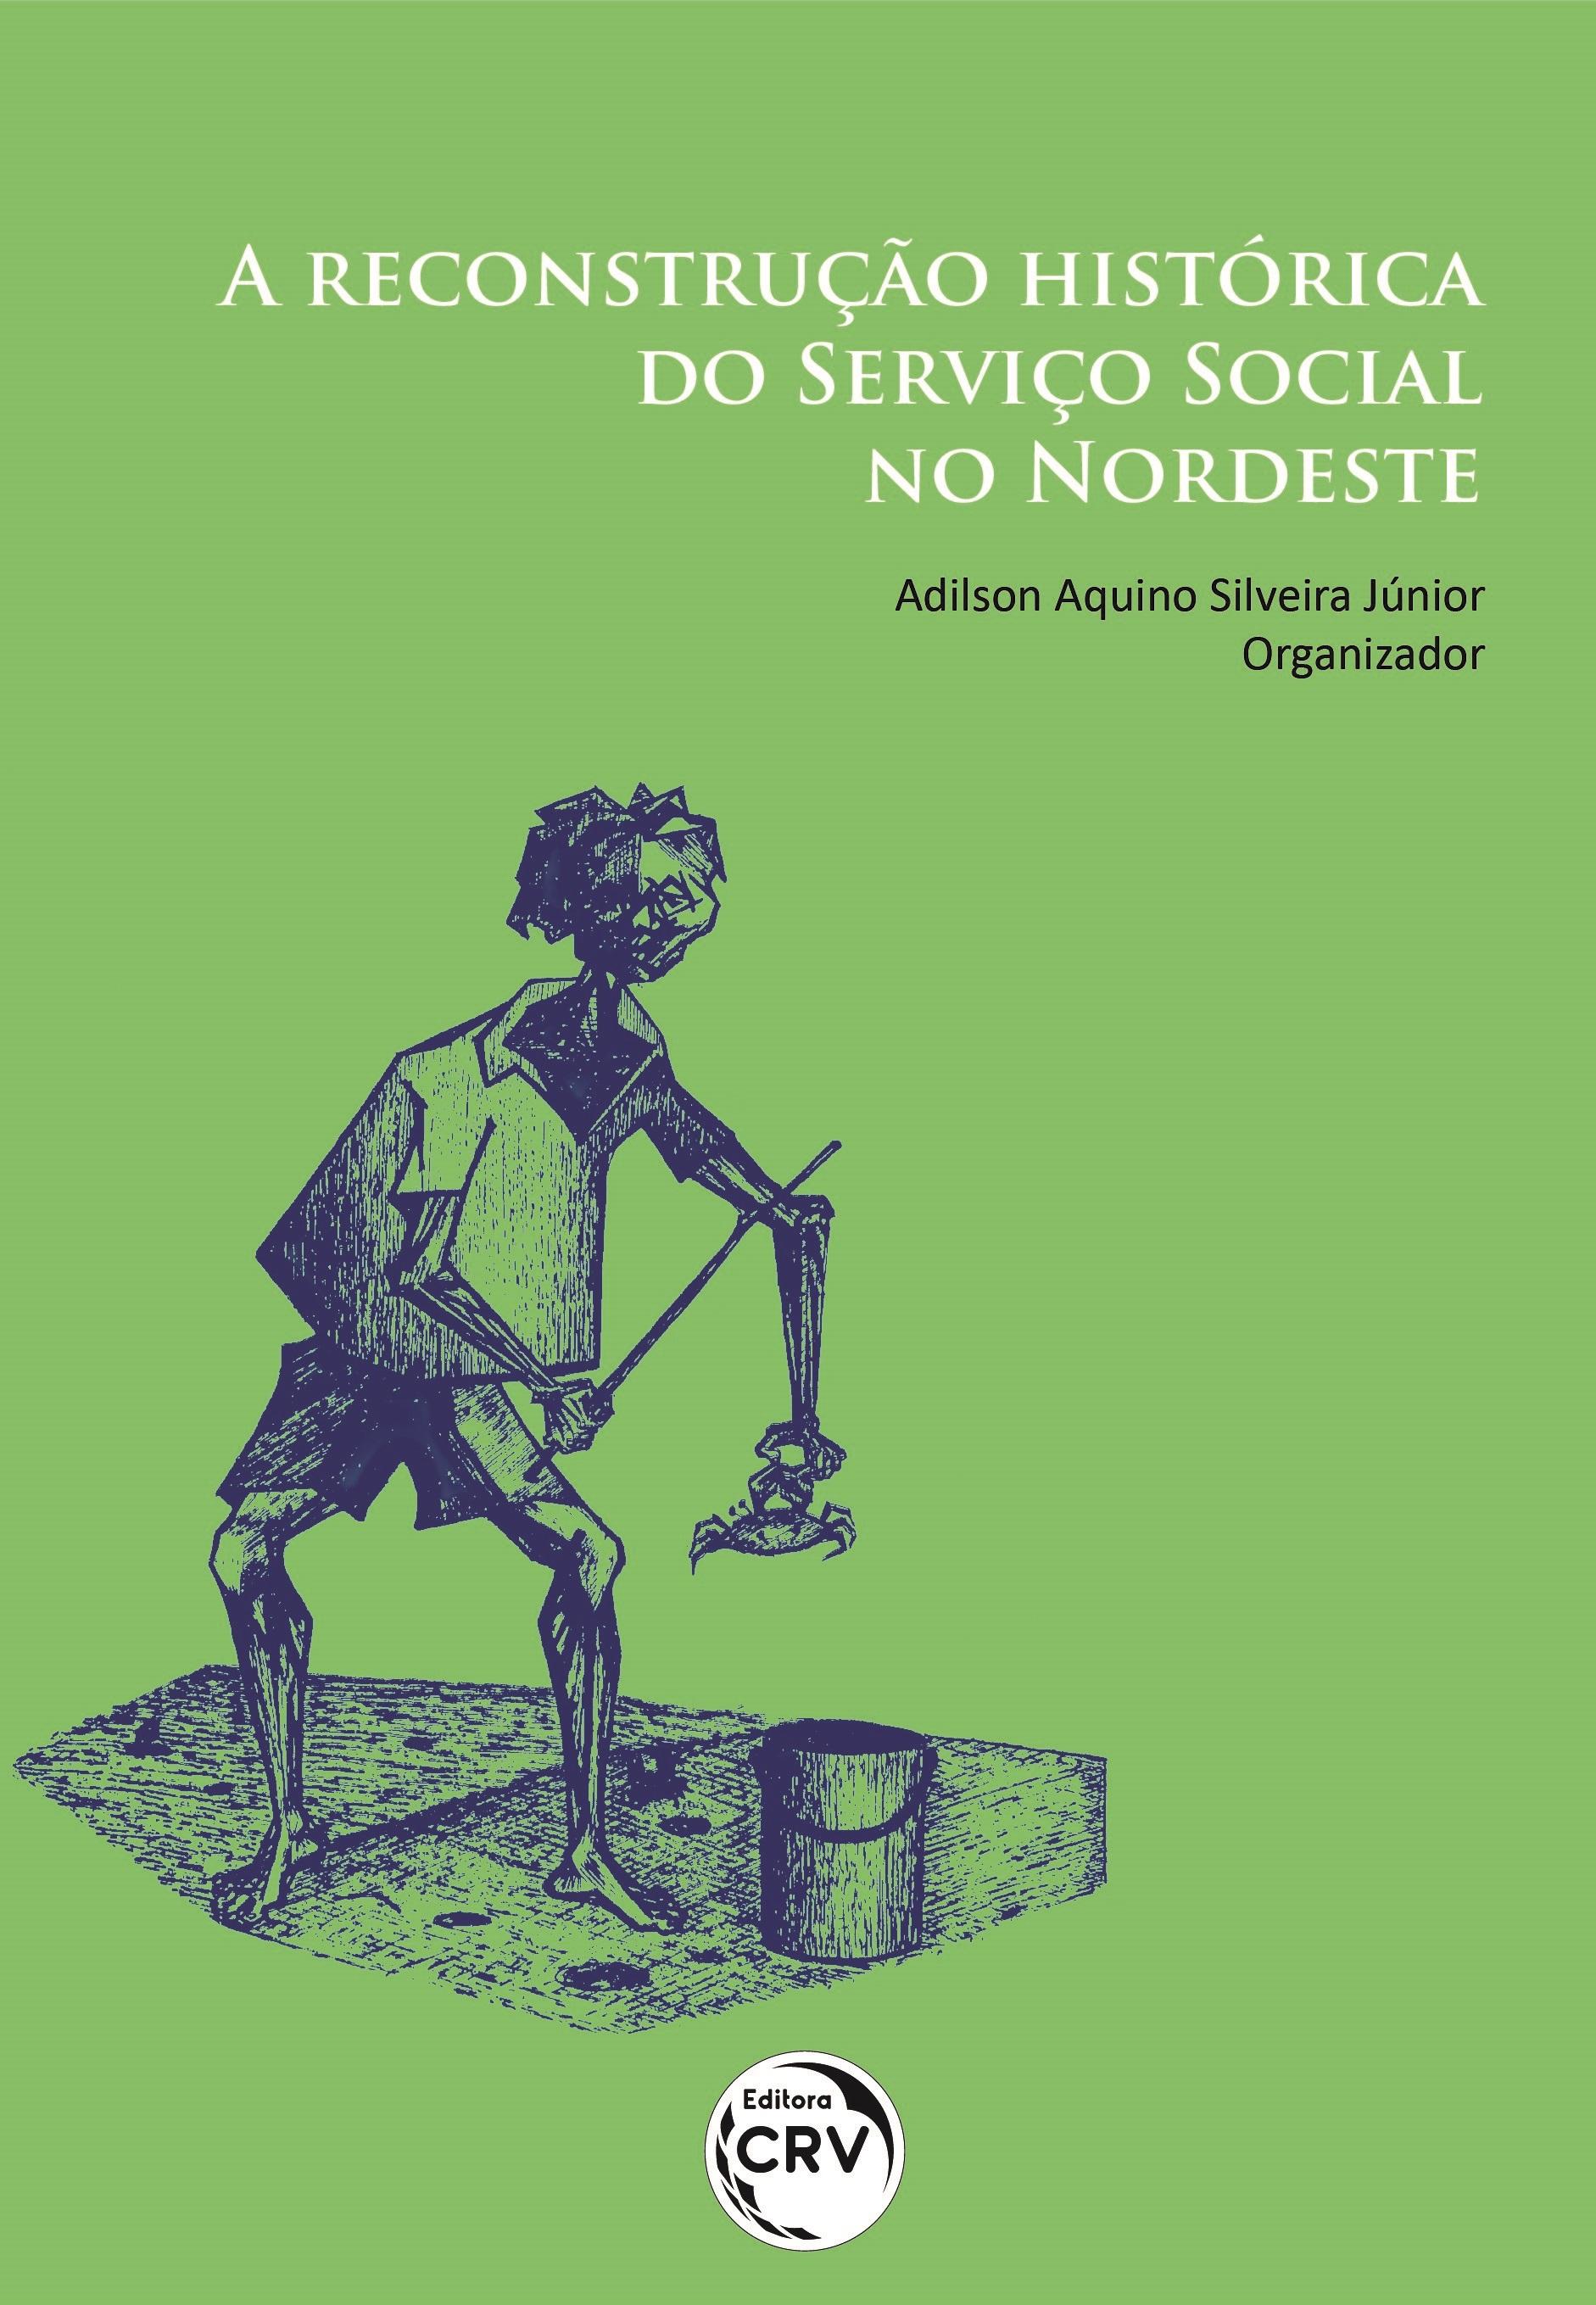 Capa do livro: A RECONSTRUÇÃO HISTÓRICA DO SERVIÇO SOCIAL NO NORDESTE